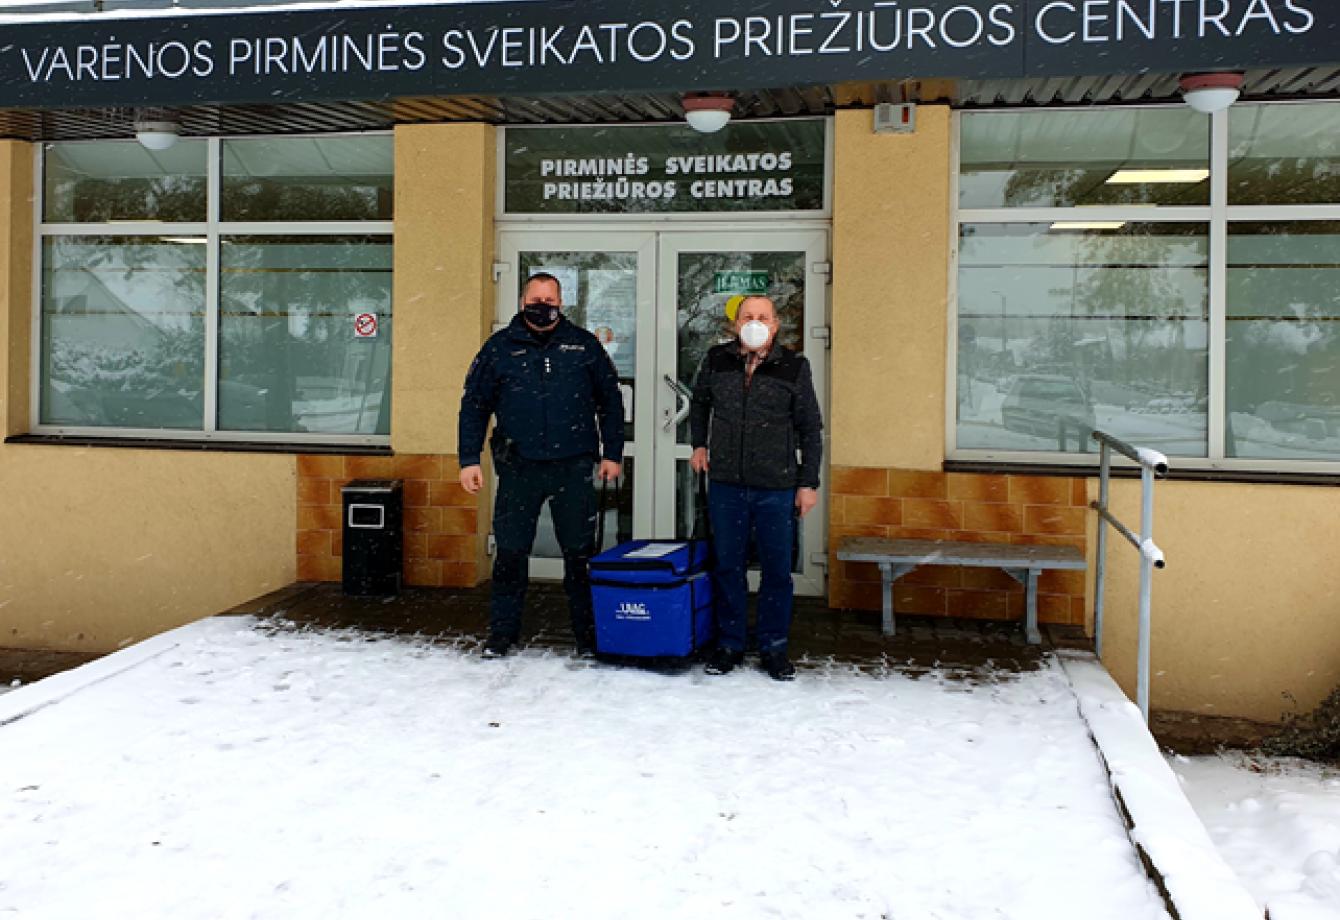 2021-01-13 į Varėnos pirminės sveikatos priežiūros centrą su Varėnos rajono policijos komisariato pareigūno palyda atkeliavo Comirnaty (BioNTech & Pfizer) COVID-19 vakcina.